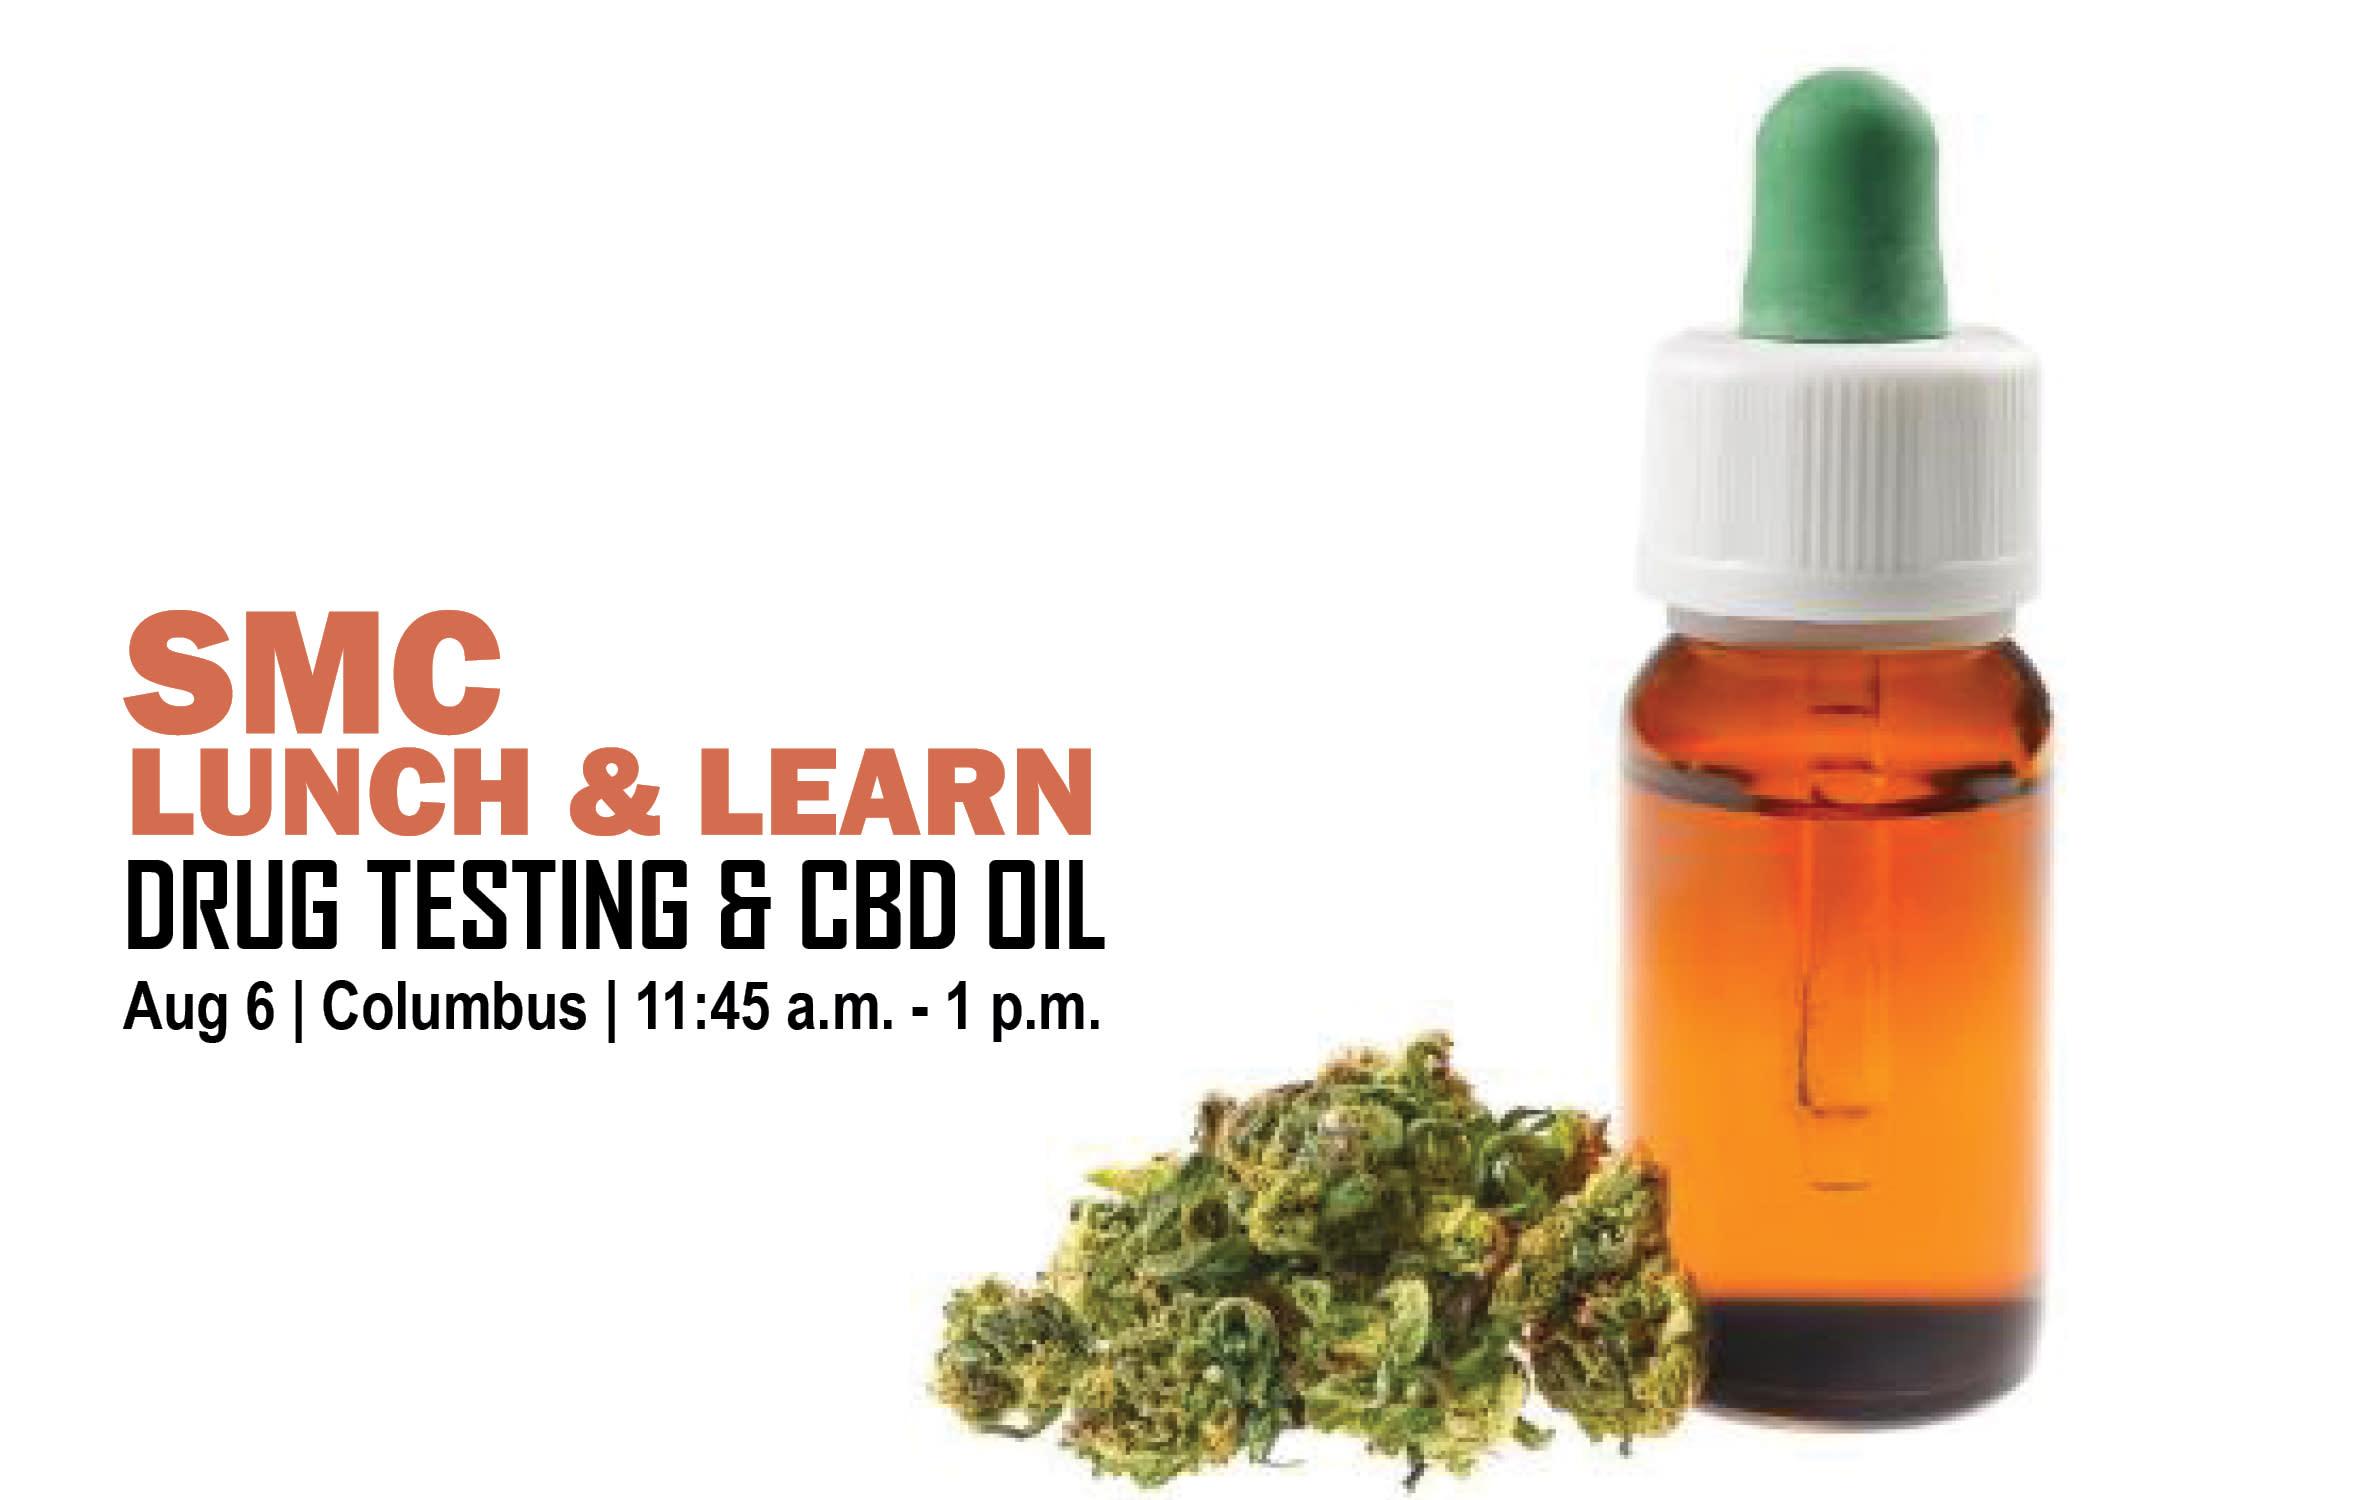 Drug Testing & CBD Oil, SMC Lunch & Learn, Columbus